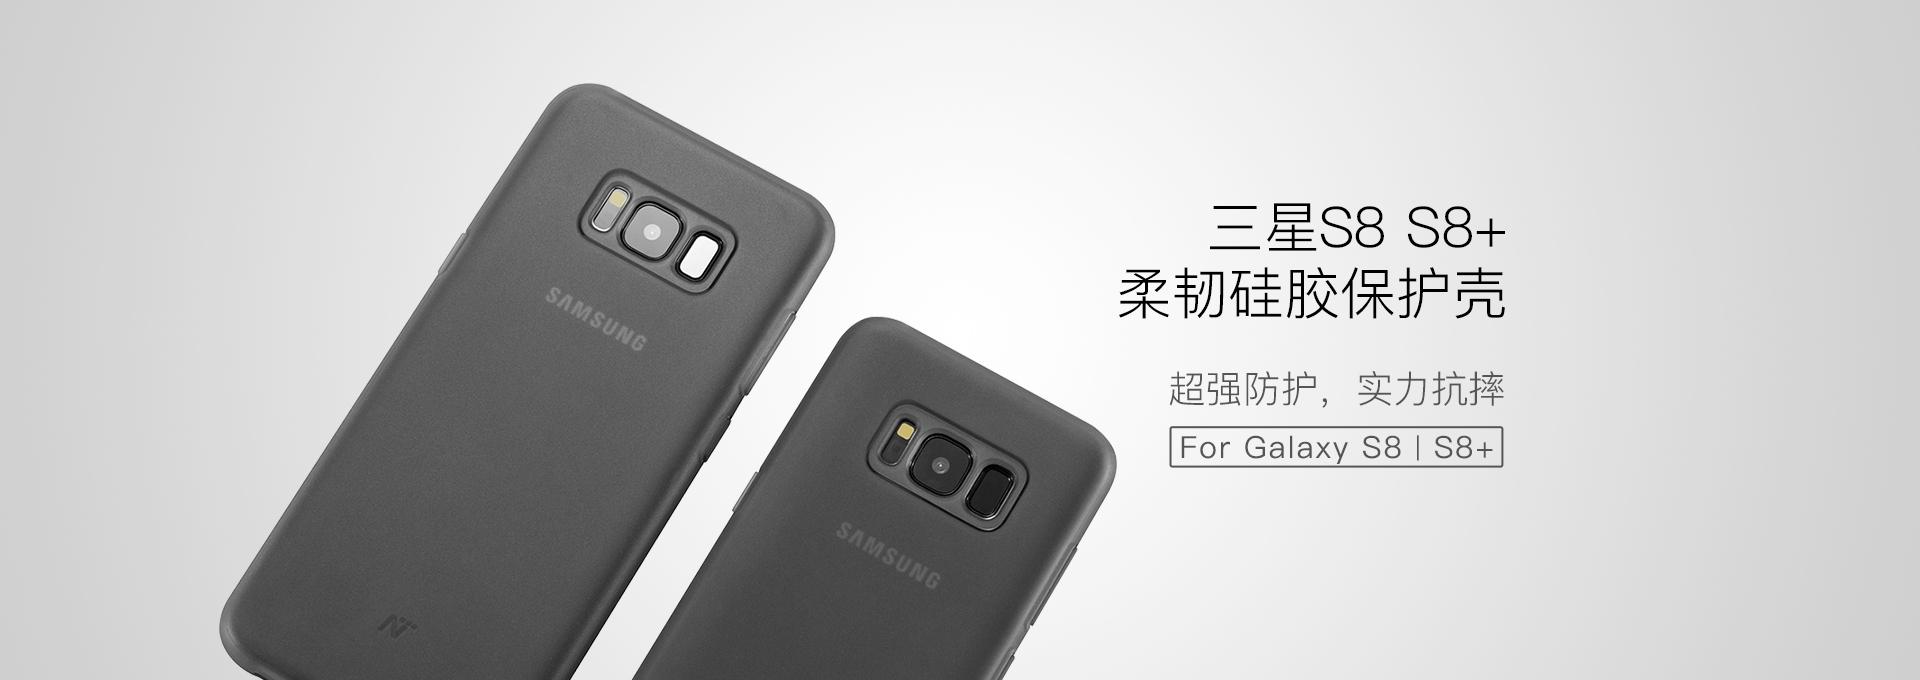 三星S8 S8+柔韧硅胶手机壳